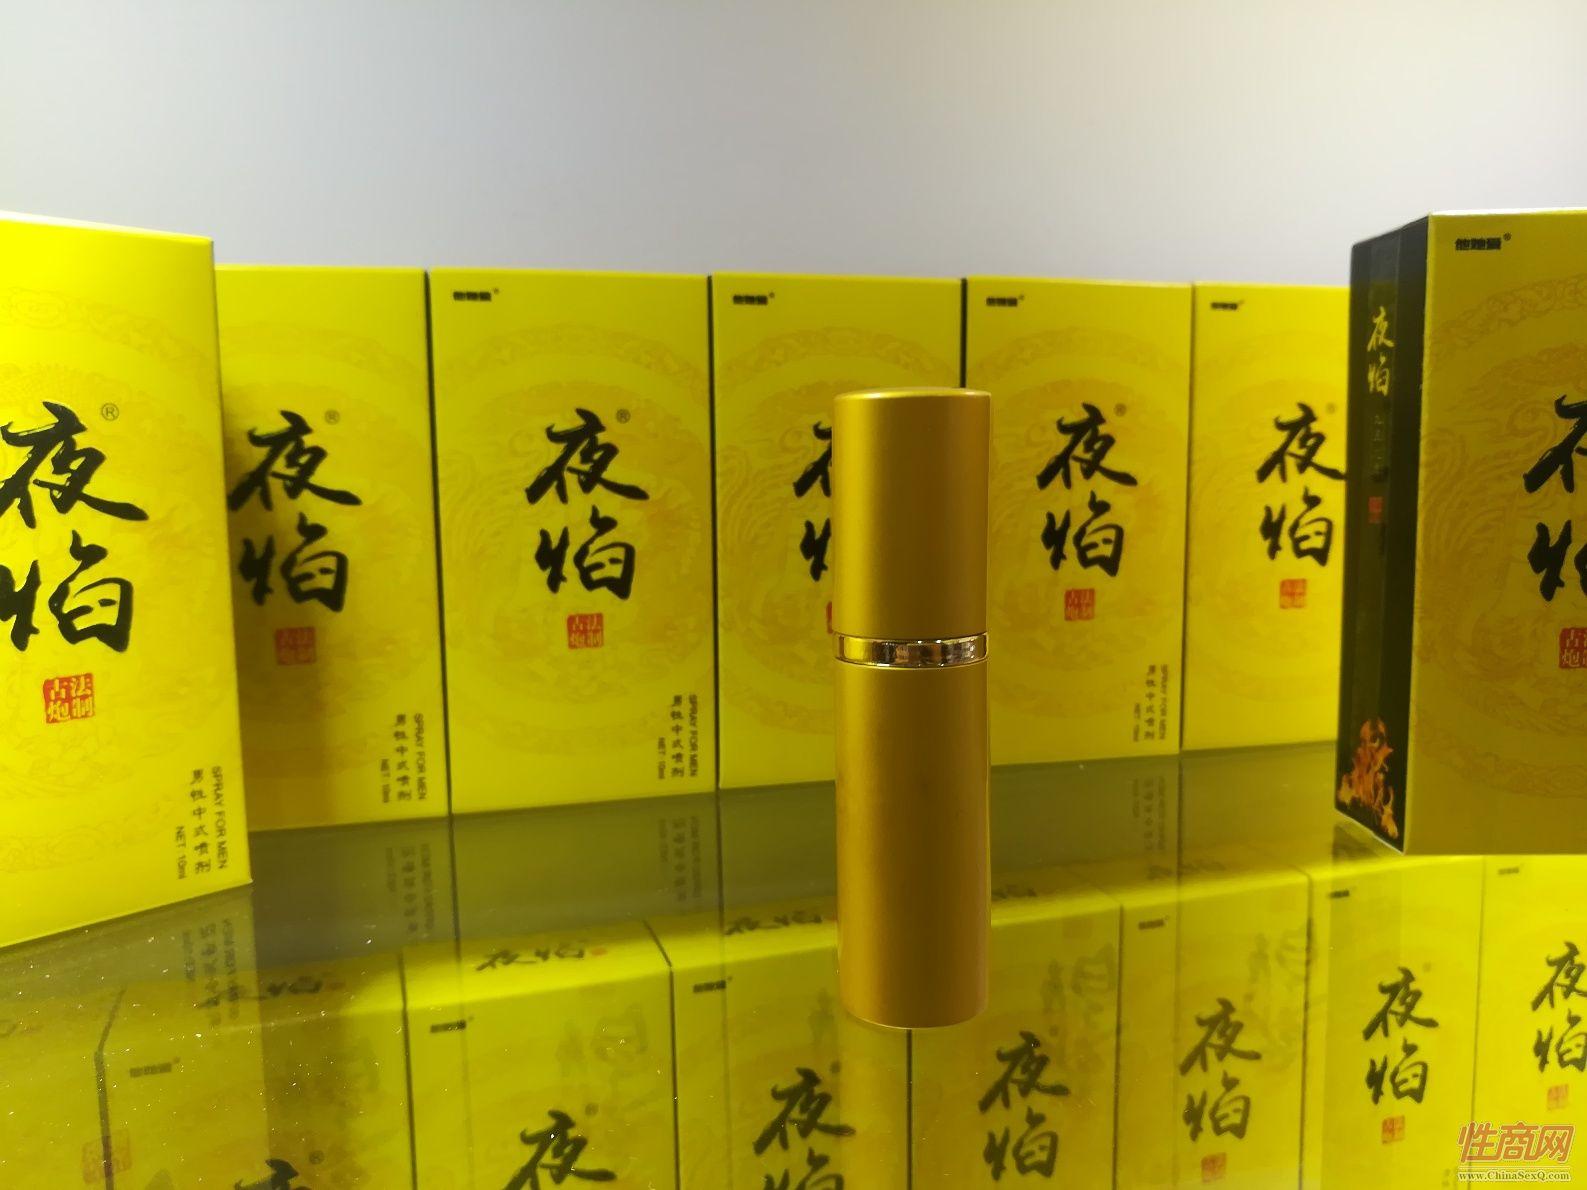 18上海成人展-参展产品 (9)